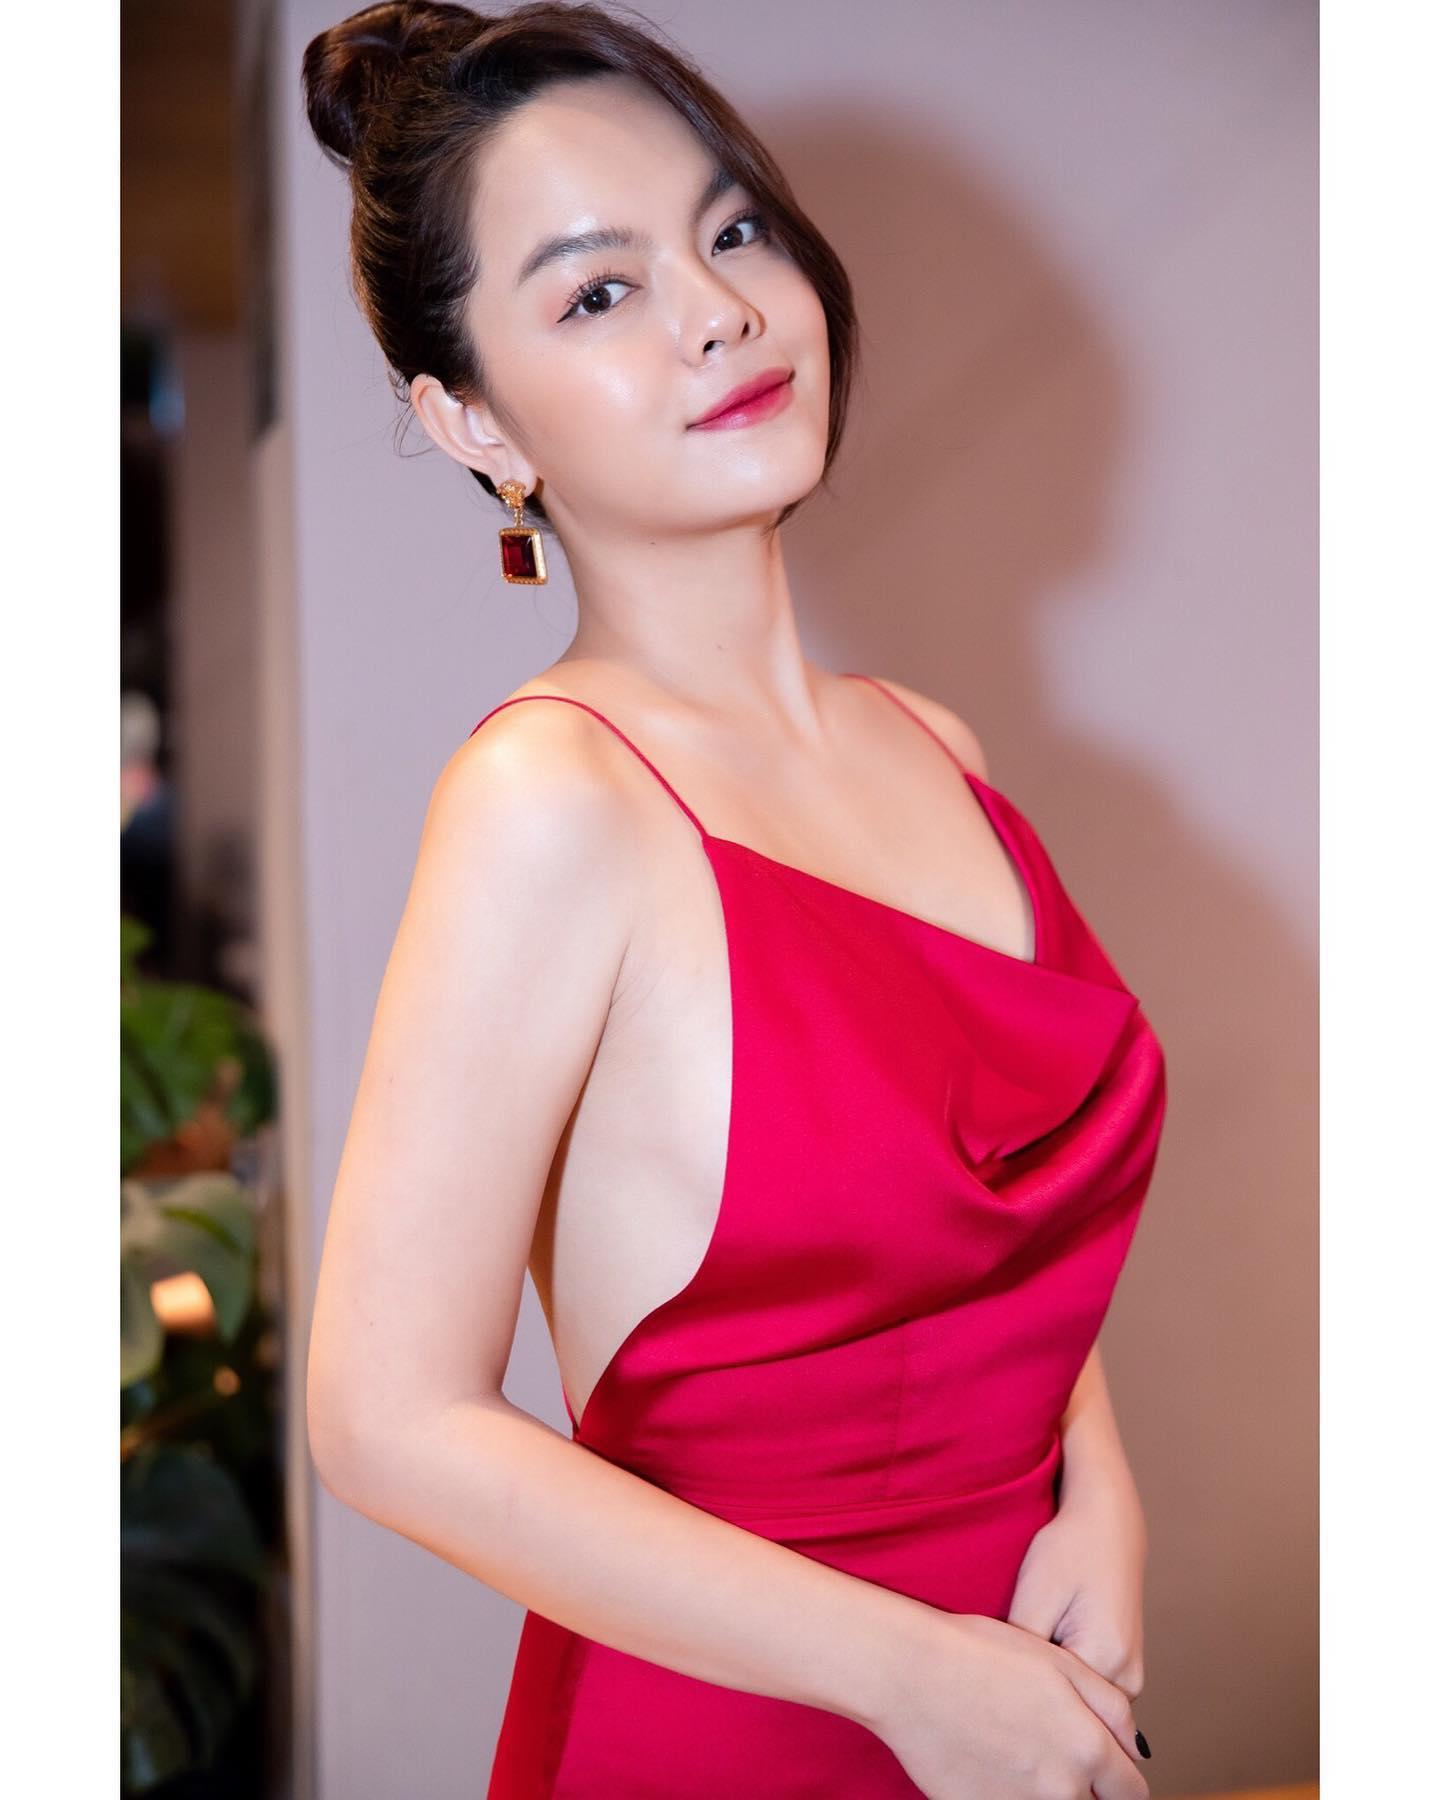 Phạm Quỳnh Anh quyến rũ với váy lụa mong manh - 1